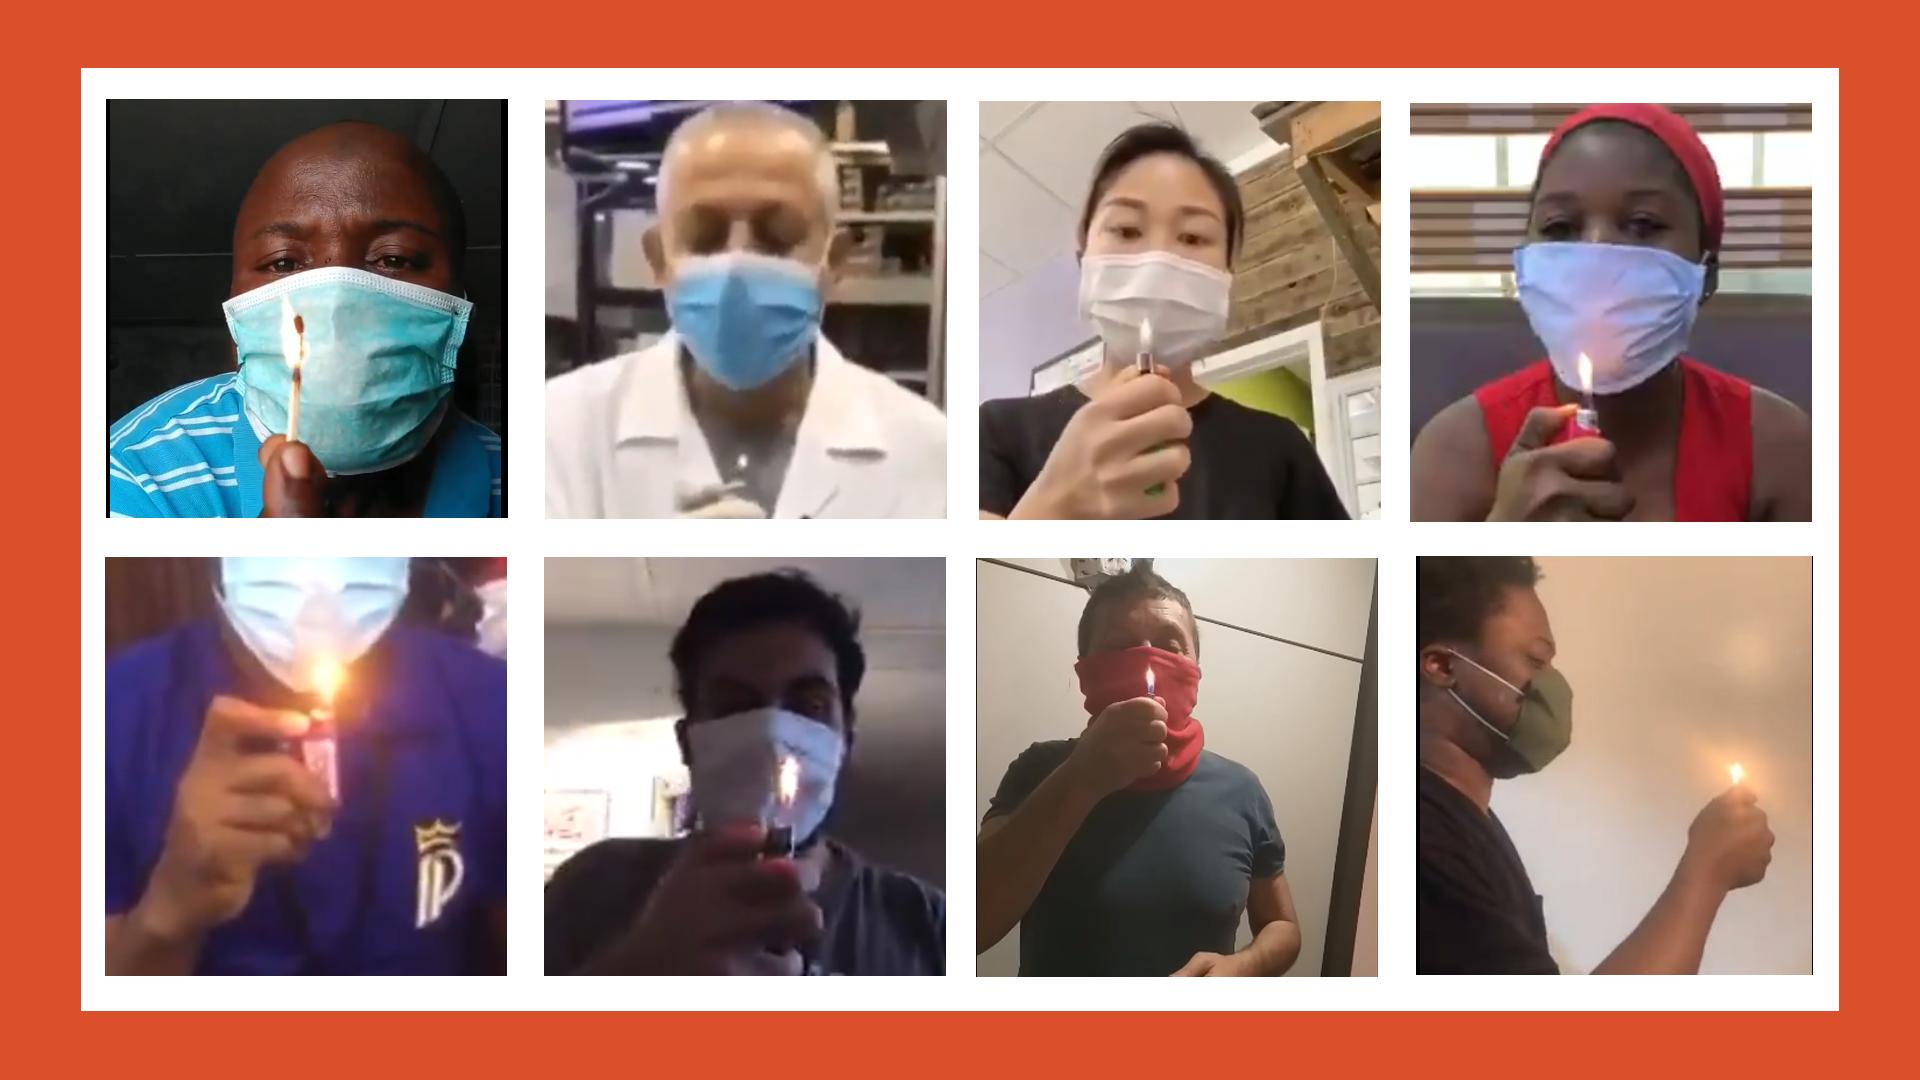 De nombreux internautes se sont mis en scène en train de souffler sur une flamme pour prouver l'efficacité de leurs masques. Mais ce test a-t-il une quelconque efficacité ?